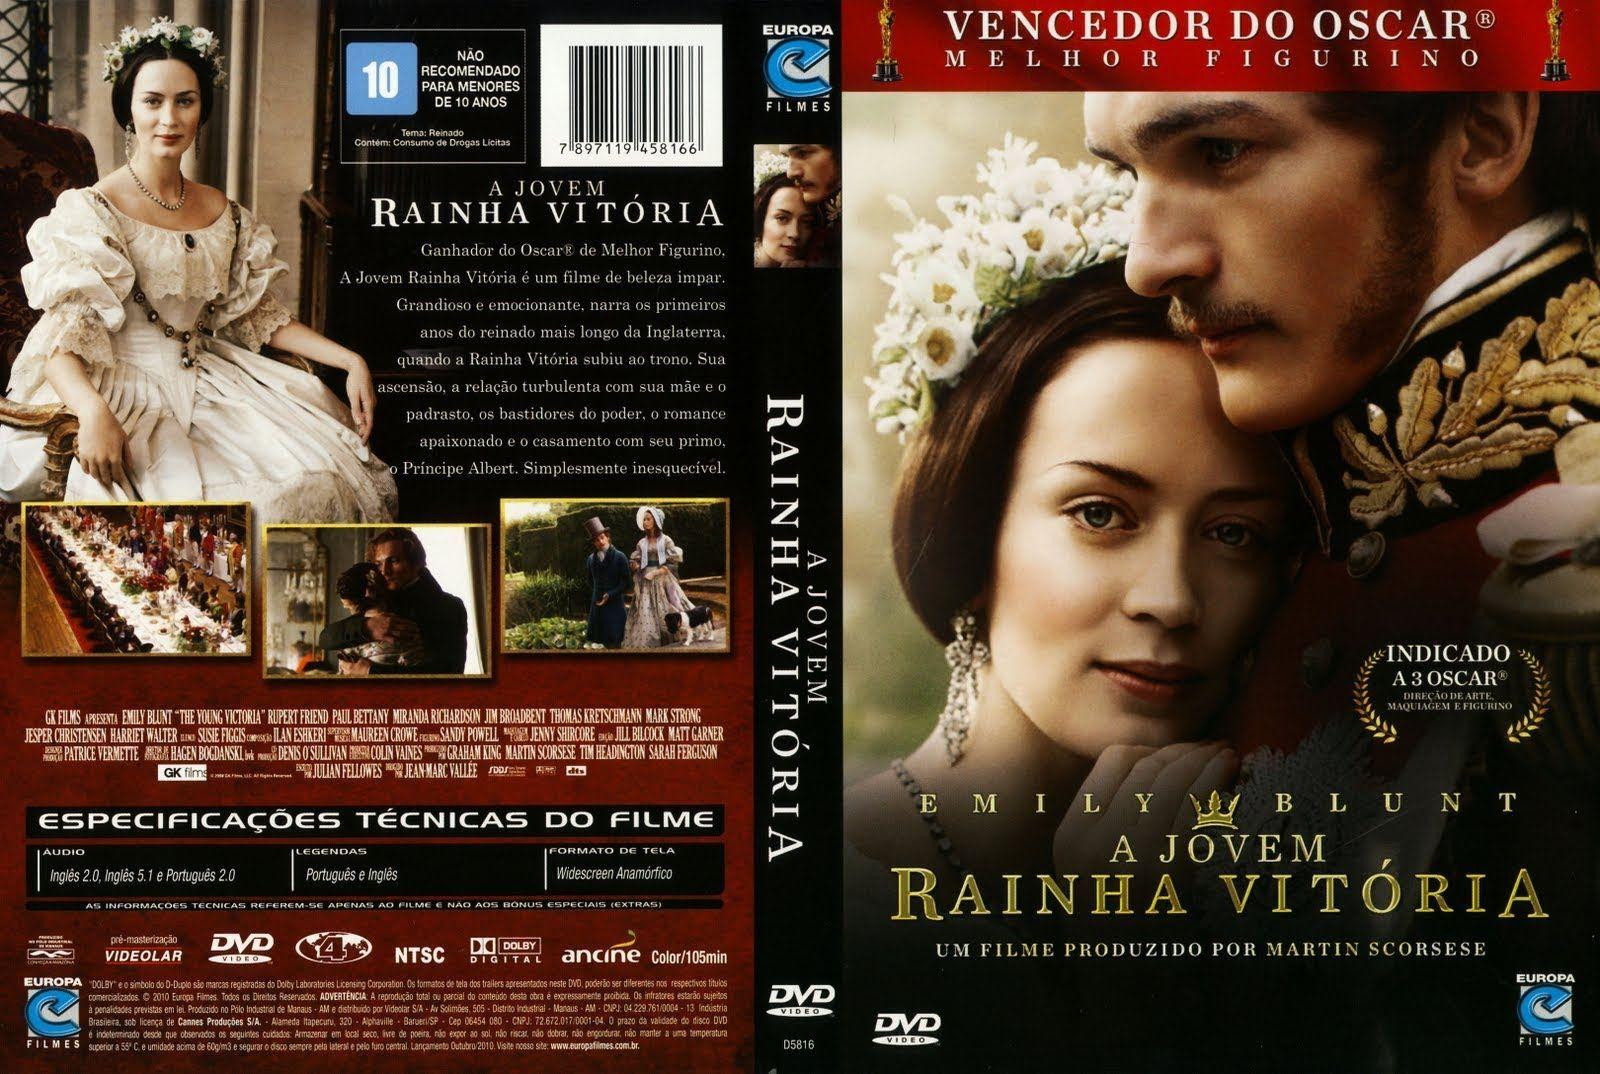 Pin De Cre Berbet Em Filmes Favoritos Filmes Filmes Completos E